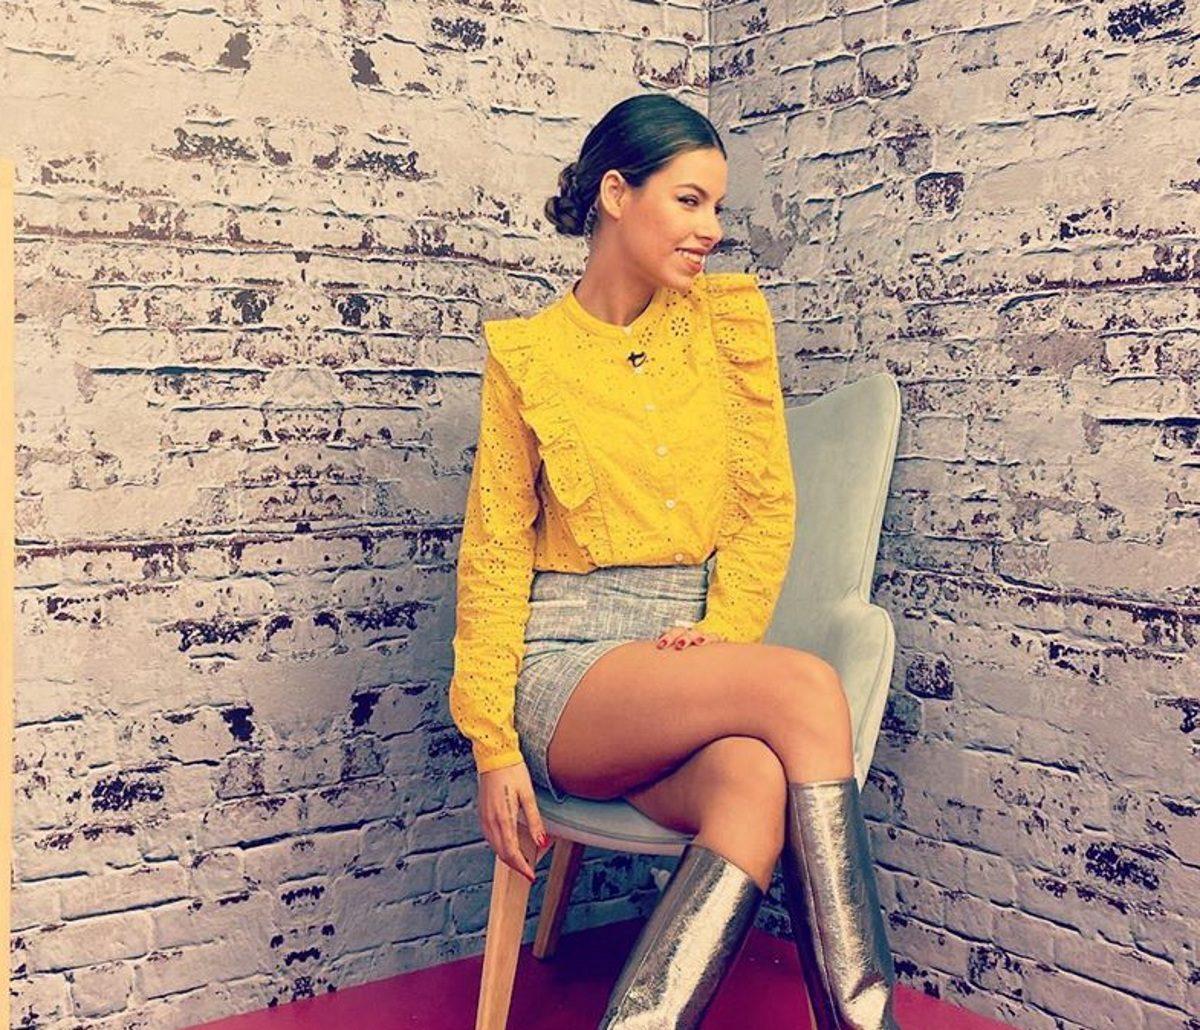 Μέγκι Ντρίο: «Το μισό κορμί της ξαδέλφης μου είναι παράλυτο» | tlife.gr